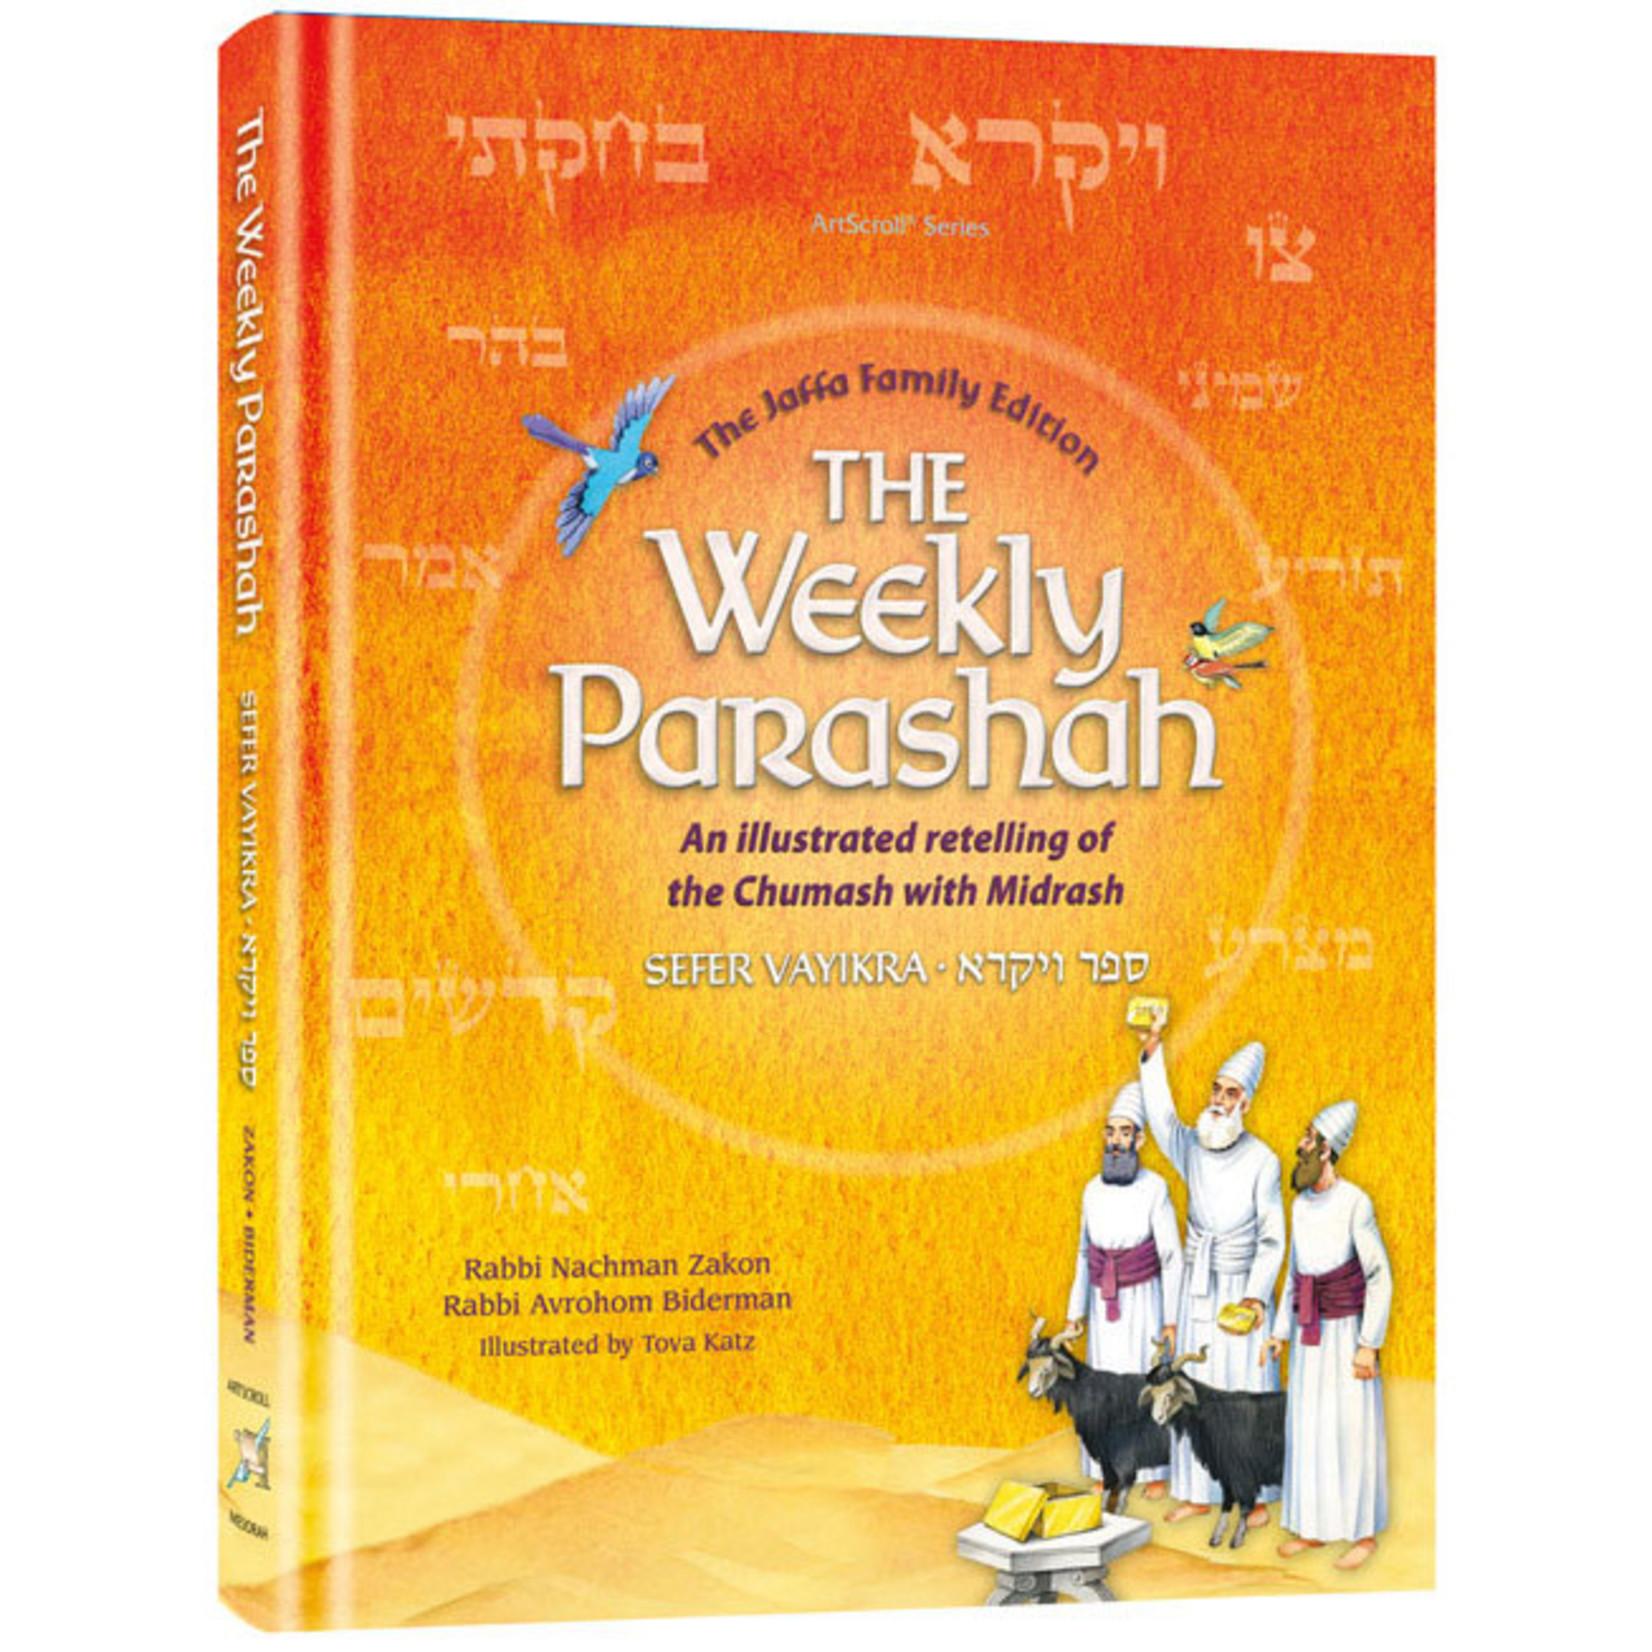 The Weekly Parasha - Sefer Vayikra